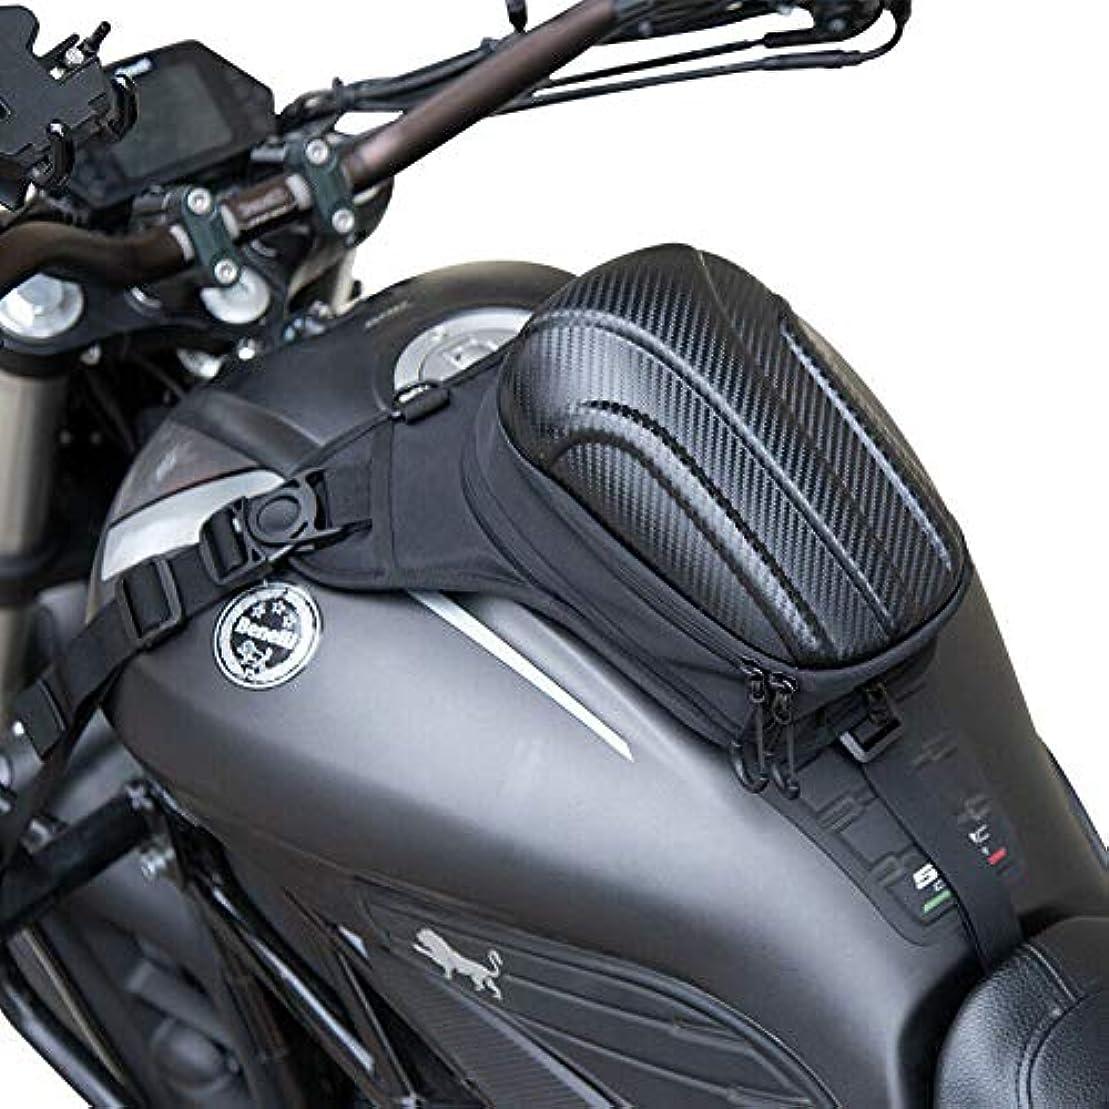 プレゼンテーション葉っぱ本質的にKODASKIN 防水 レッグポーチ/バッグ オートバイ ダッフル バッグ多機能 防水オートバイガスタンクバッグ 軽量 防水タンクバッグ 強力マグネット式 自転車兼用オートバイツール メンズ用バッグ